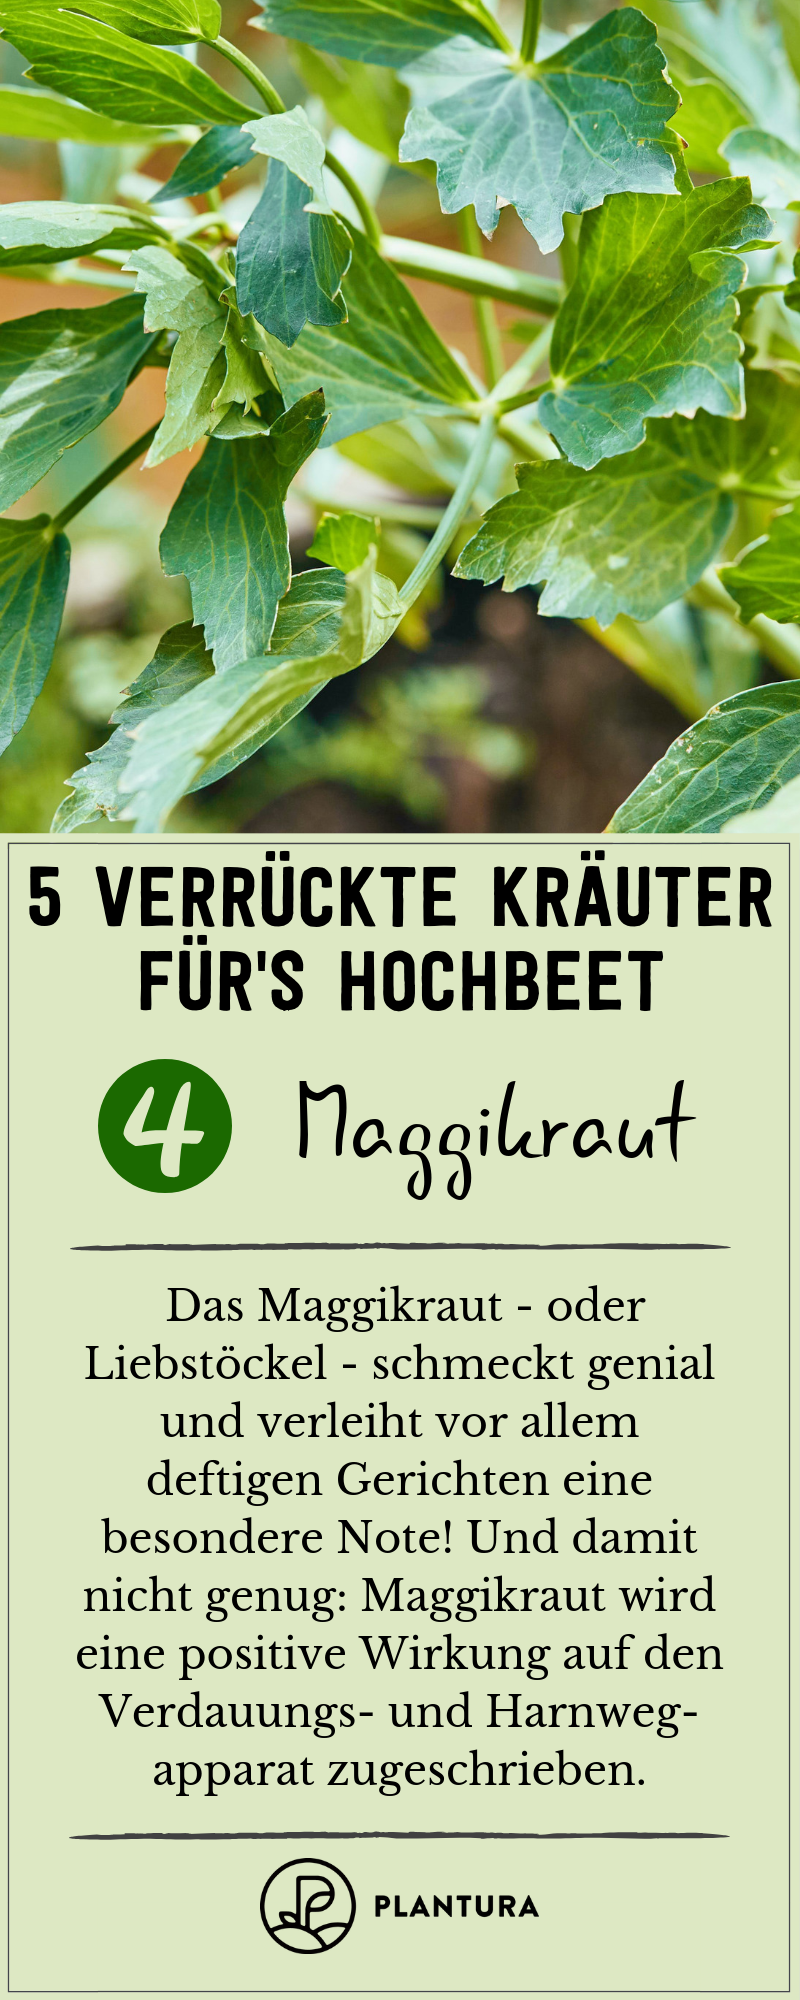 Verruckte Krauter Fur Das Hochbeet Die Top 5 Mit Bildern Hochbeet Bepflanzung Garten Hochbeet